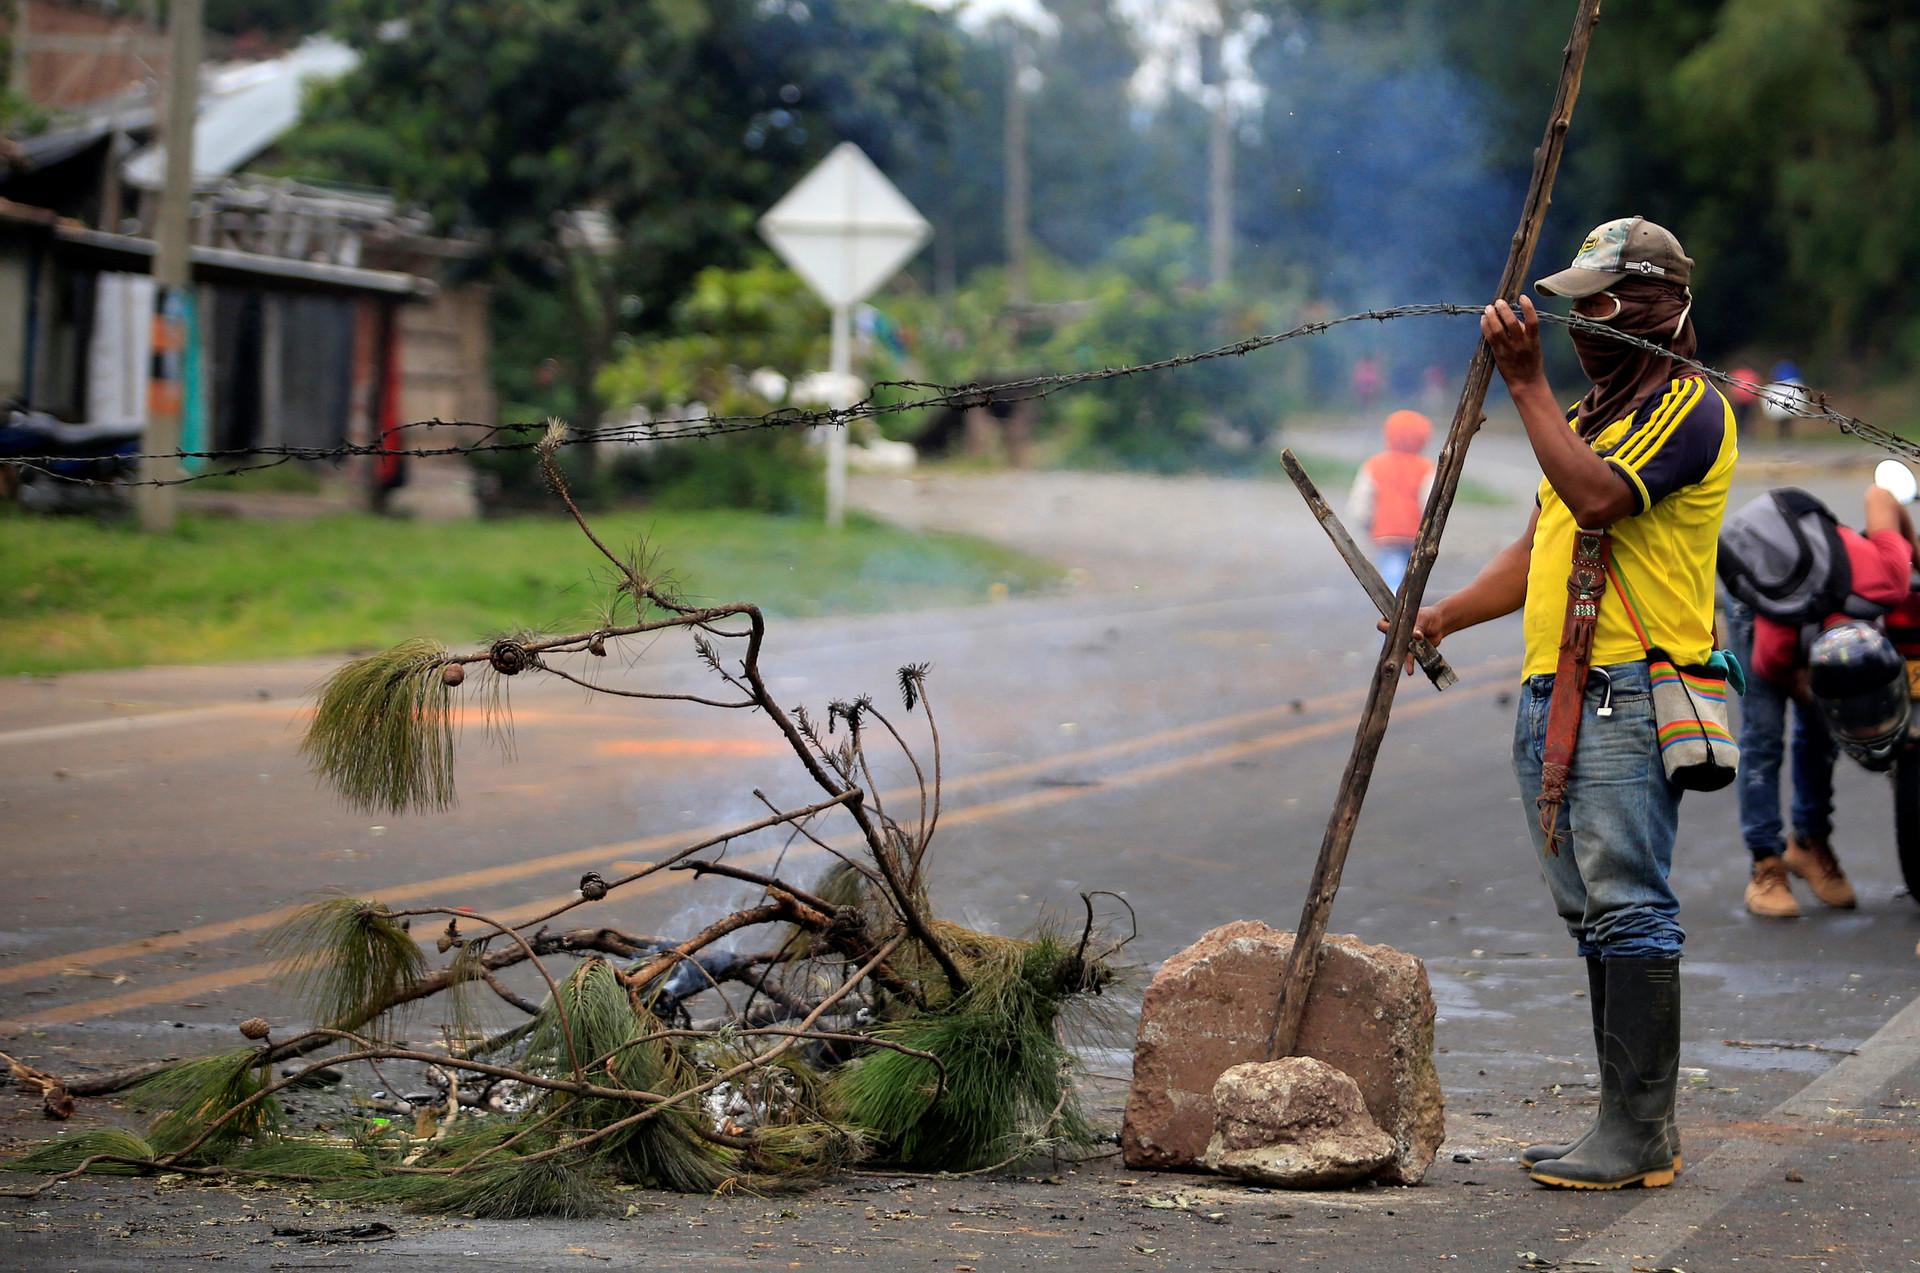 marcha atrás colombianas tetonas